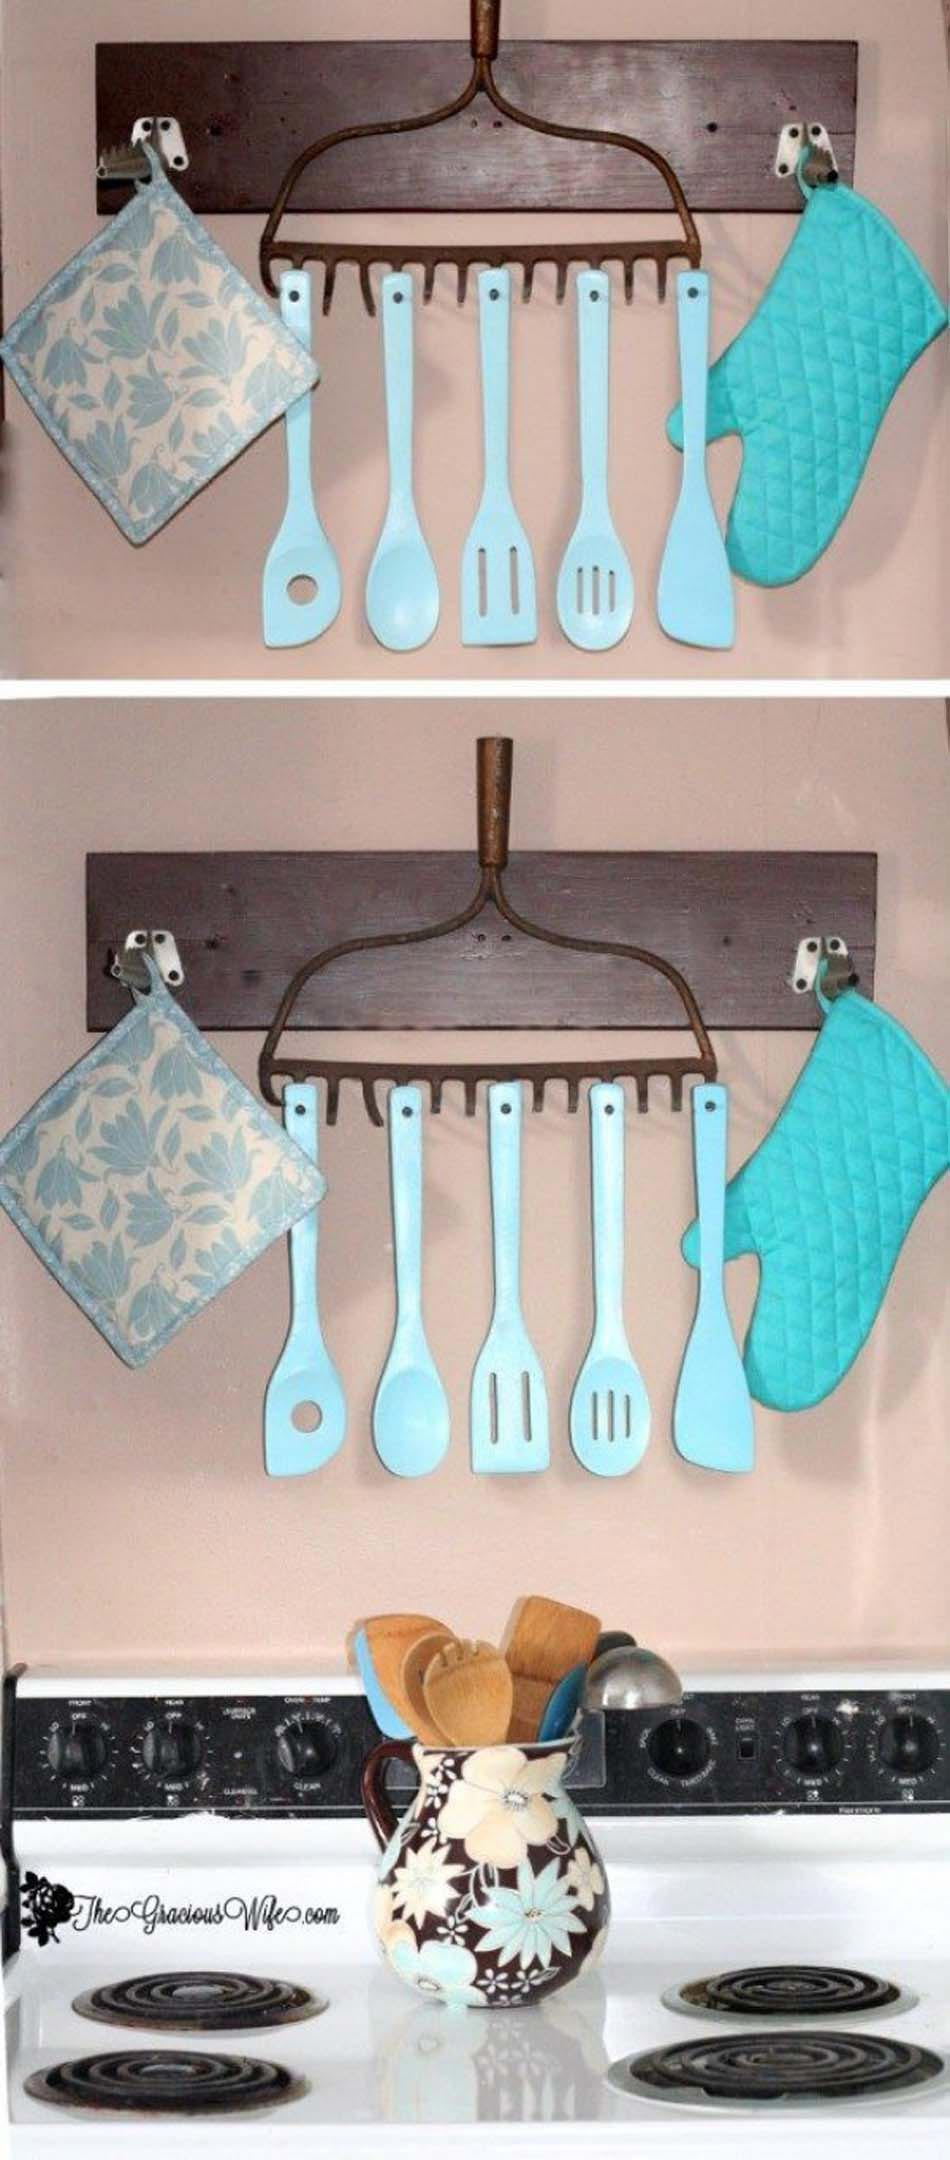 r 233 cup d 233 co avec 12 id 233 es d objet 224 la reconversion 8 diy kitchen decor ideas do it yourself as expert